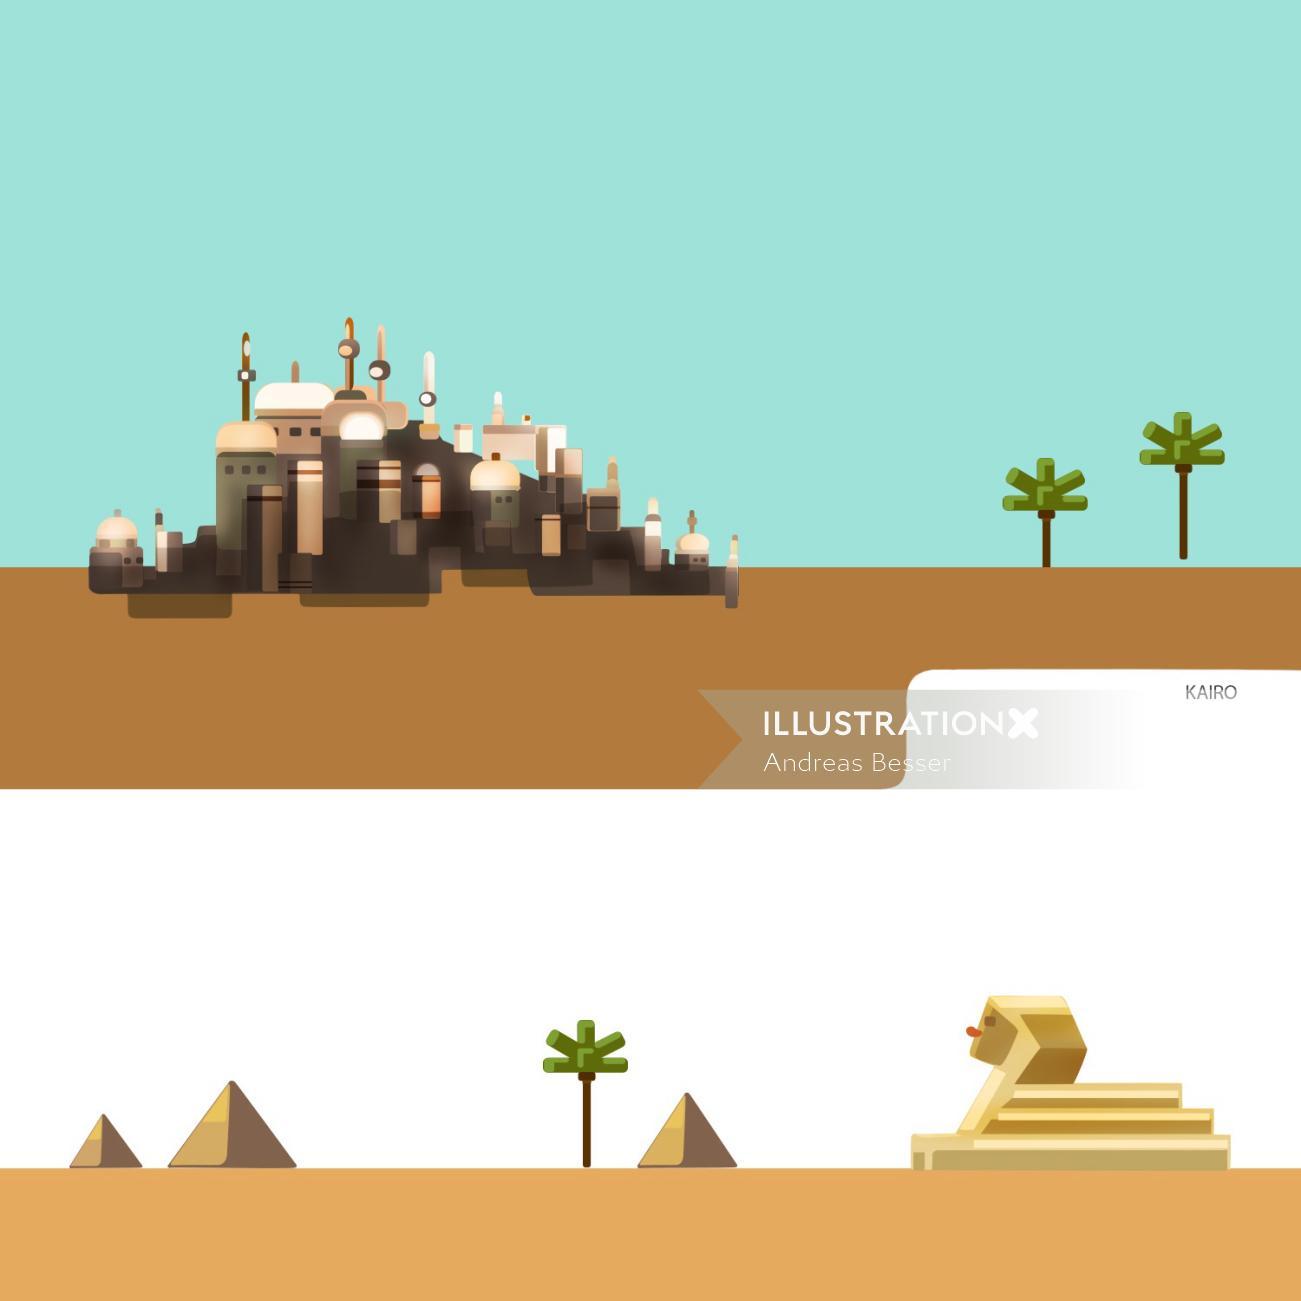 Illustration of city in desert